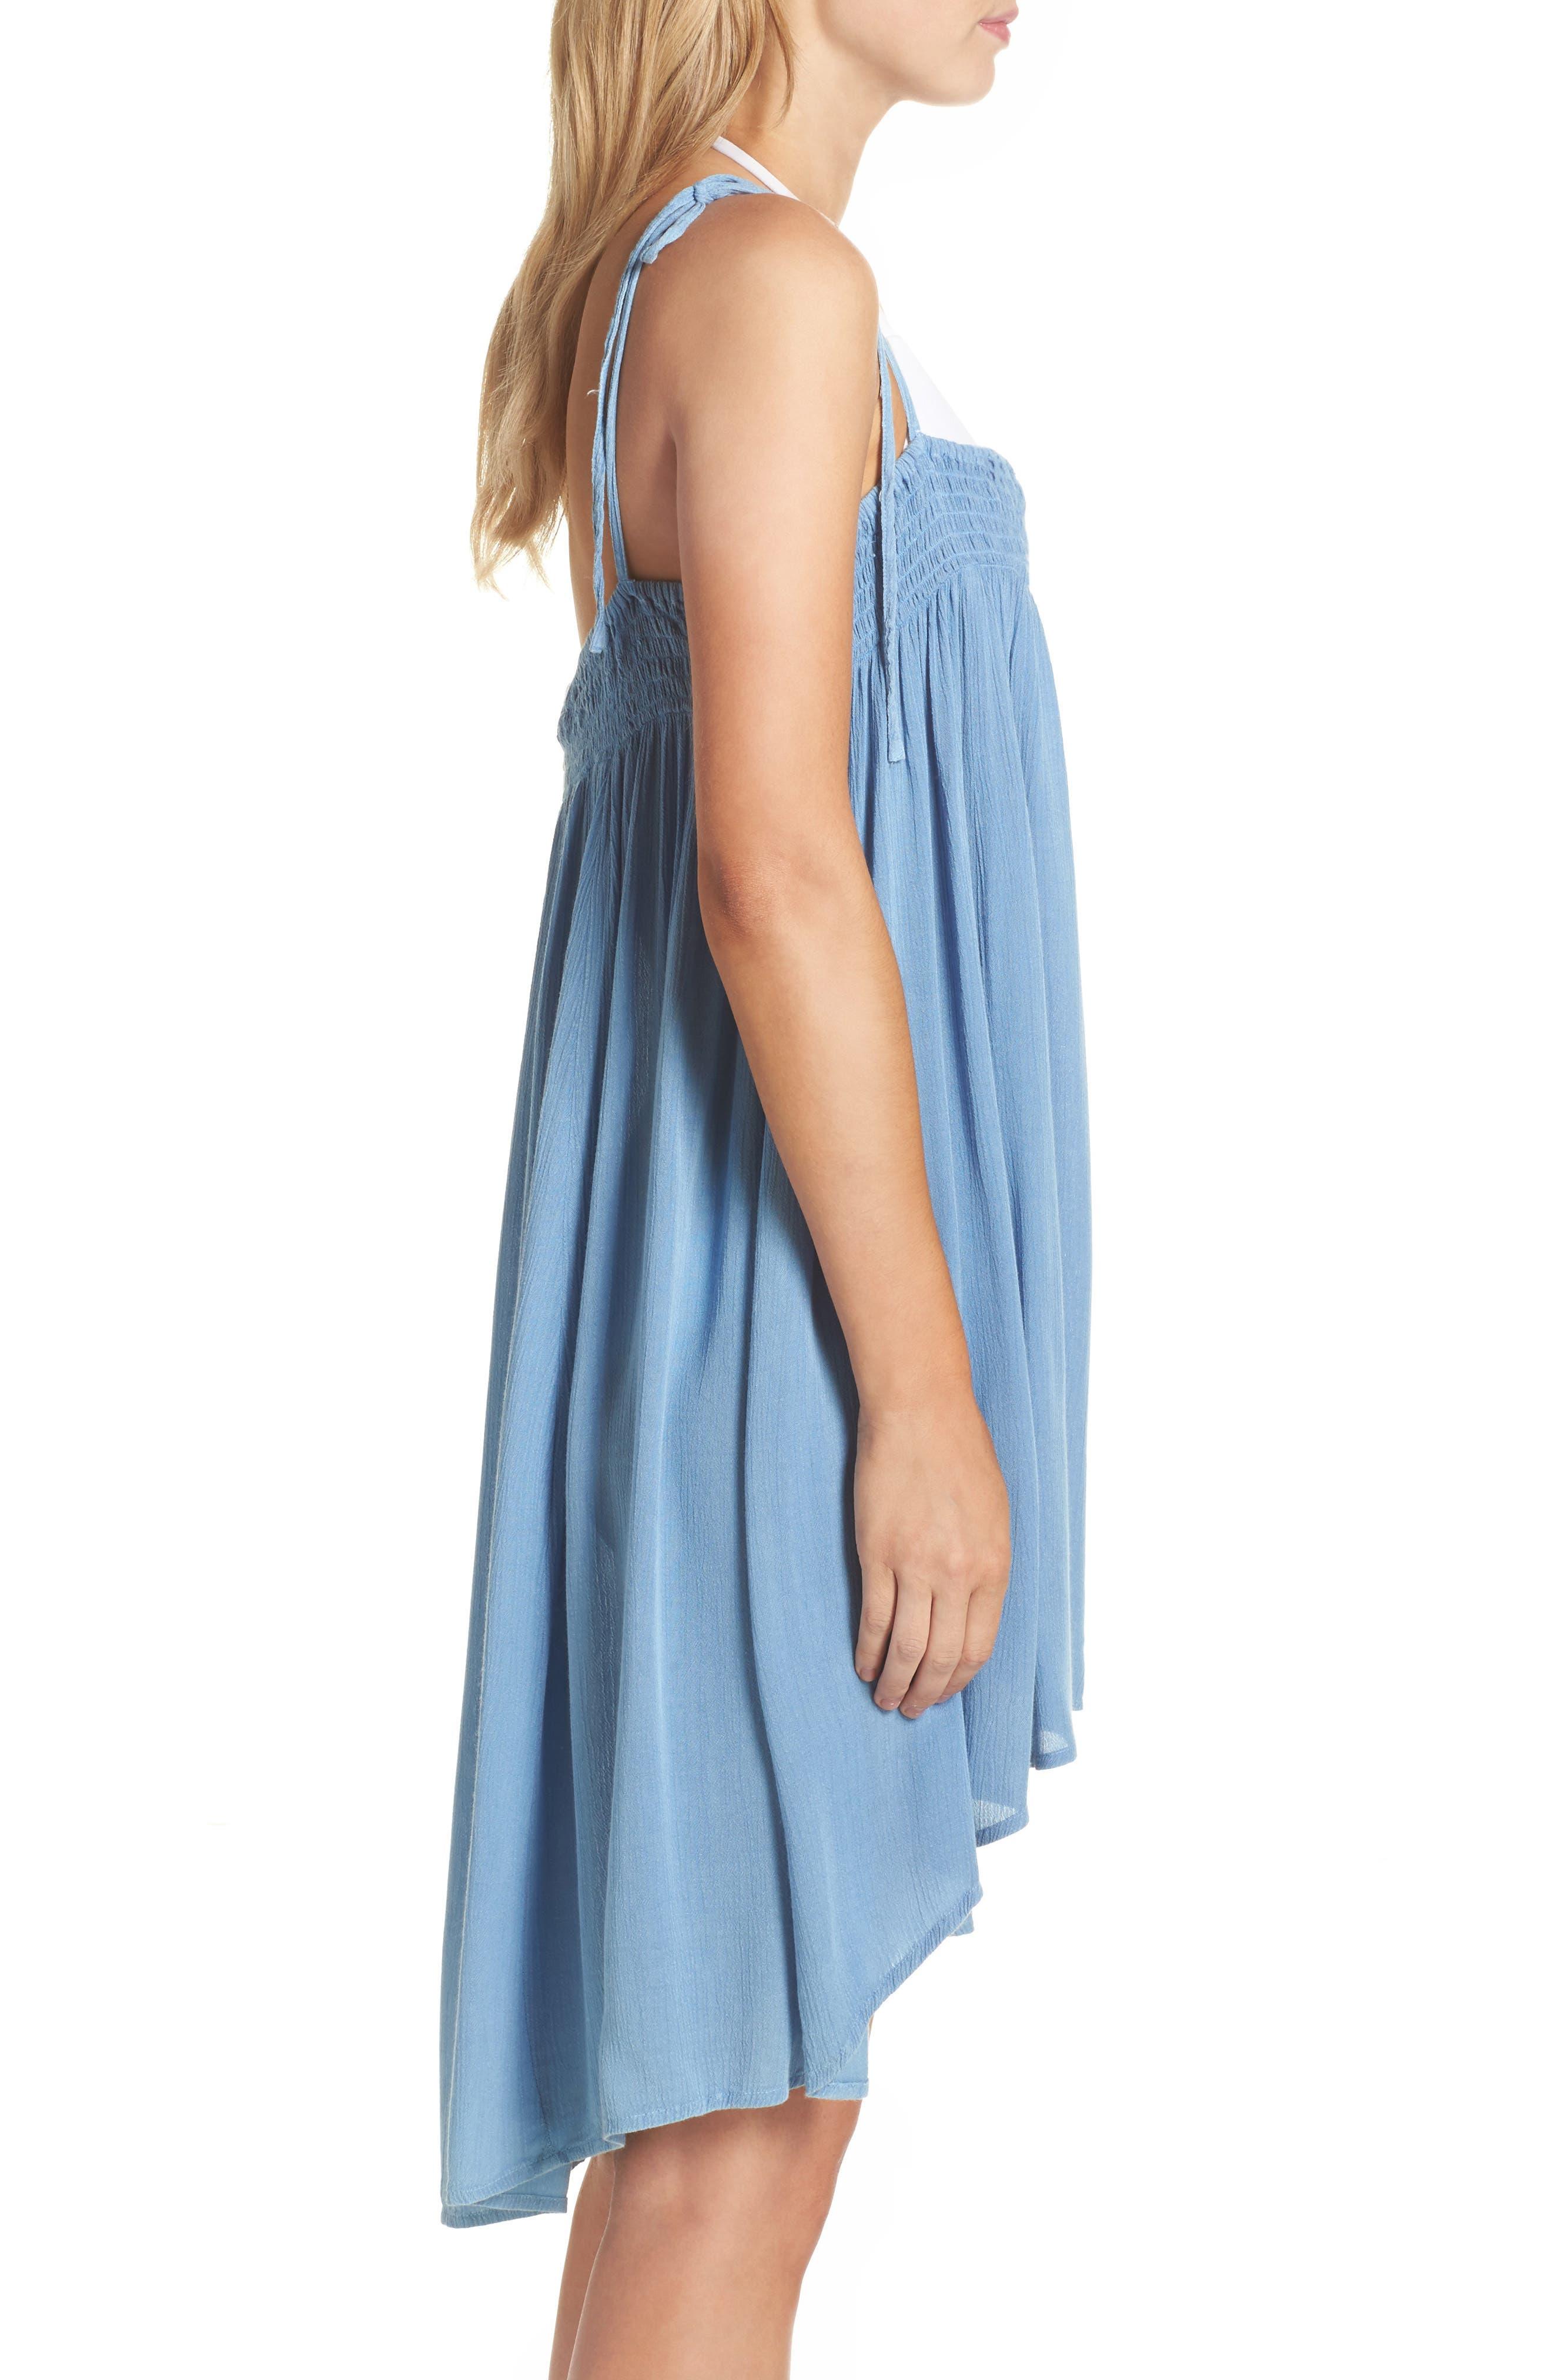 Oliva Cover-Up Dress,                             Alternate thumbnail 3, color,                             Denim